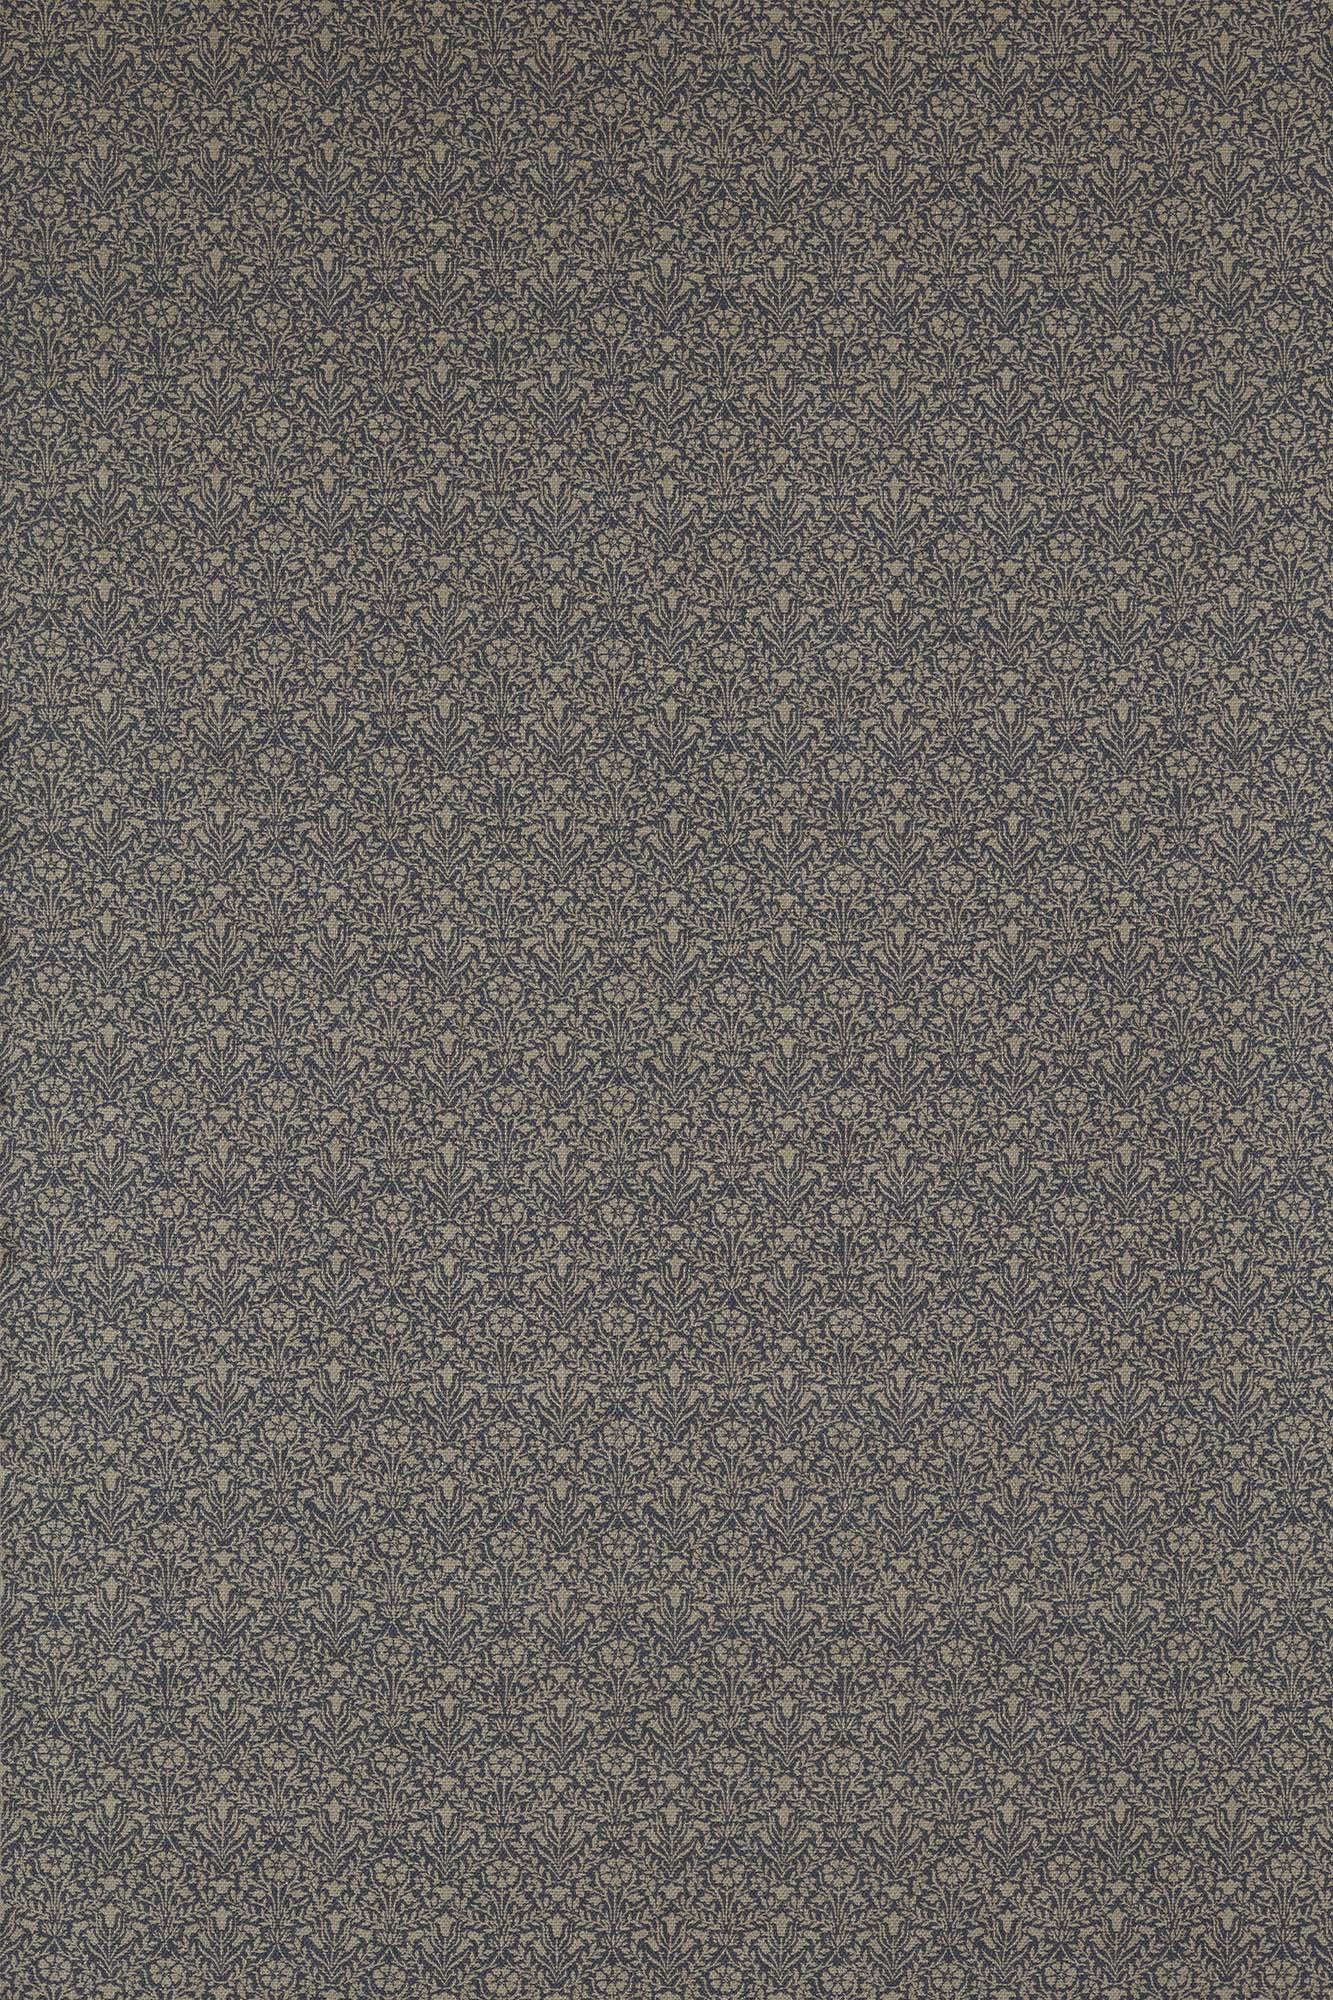 ウィリアムモリス生地 Bellflowers Weave 236525